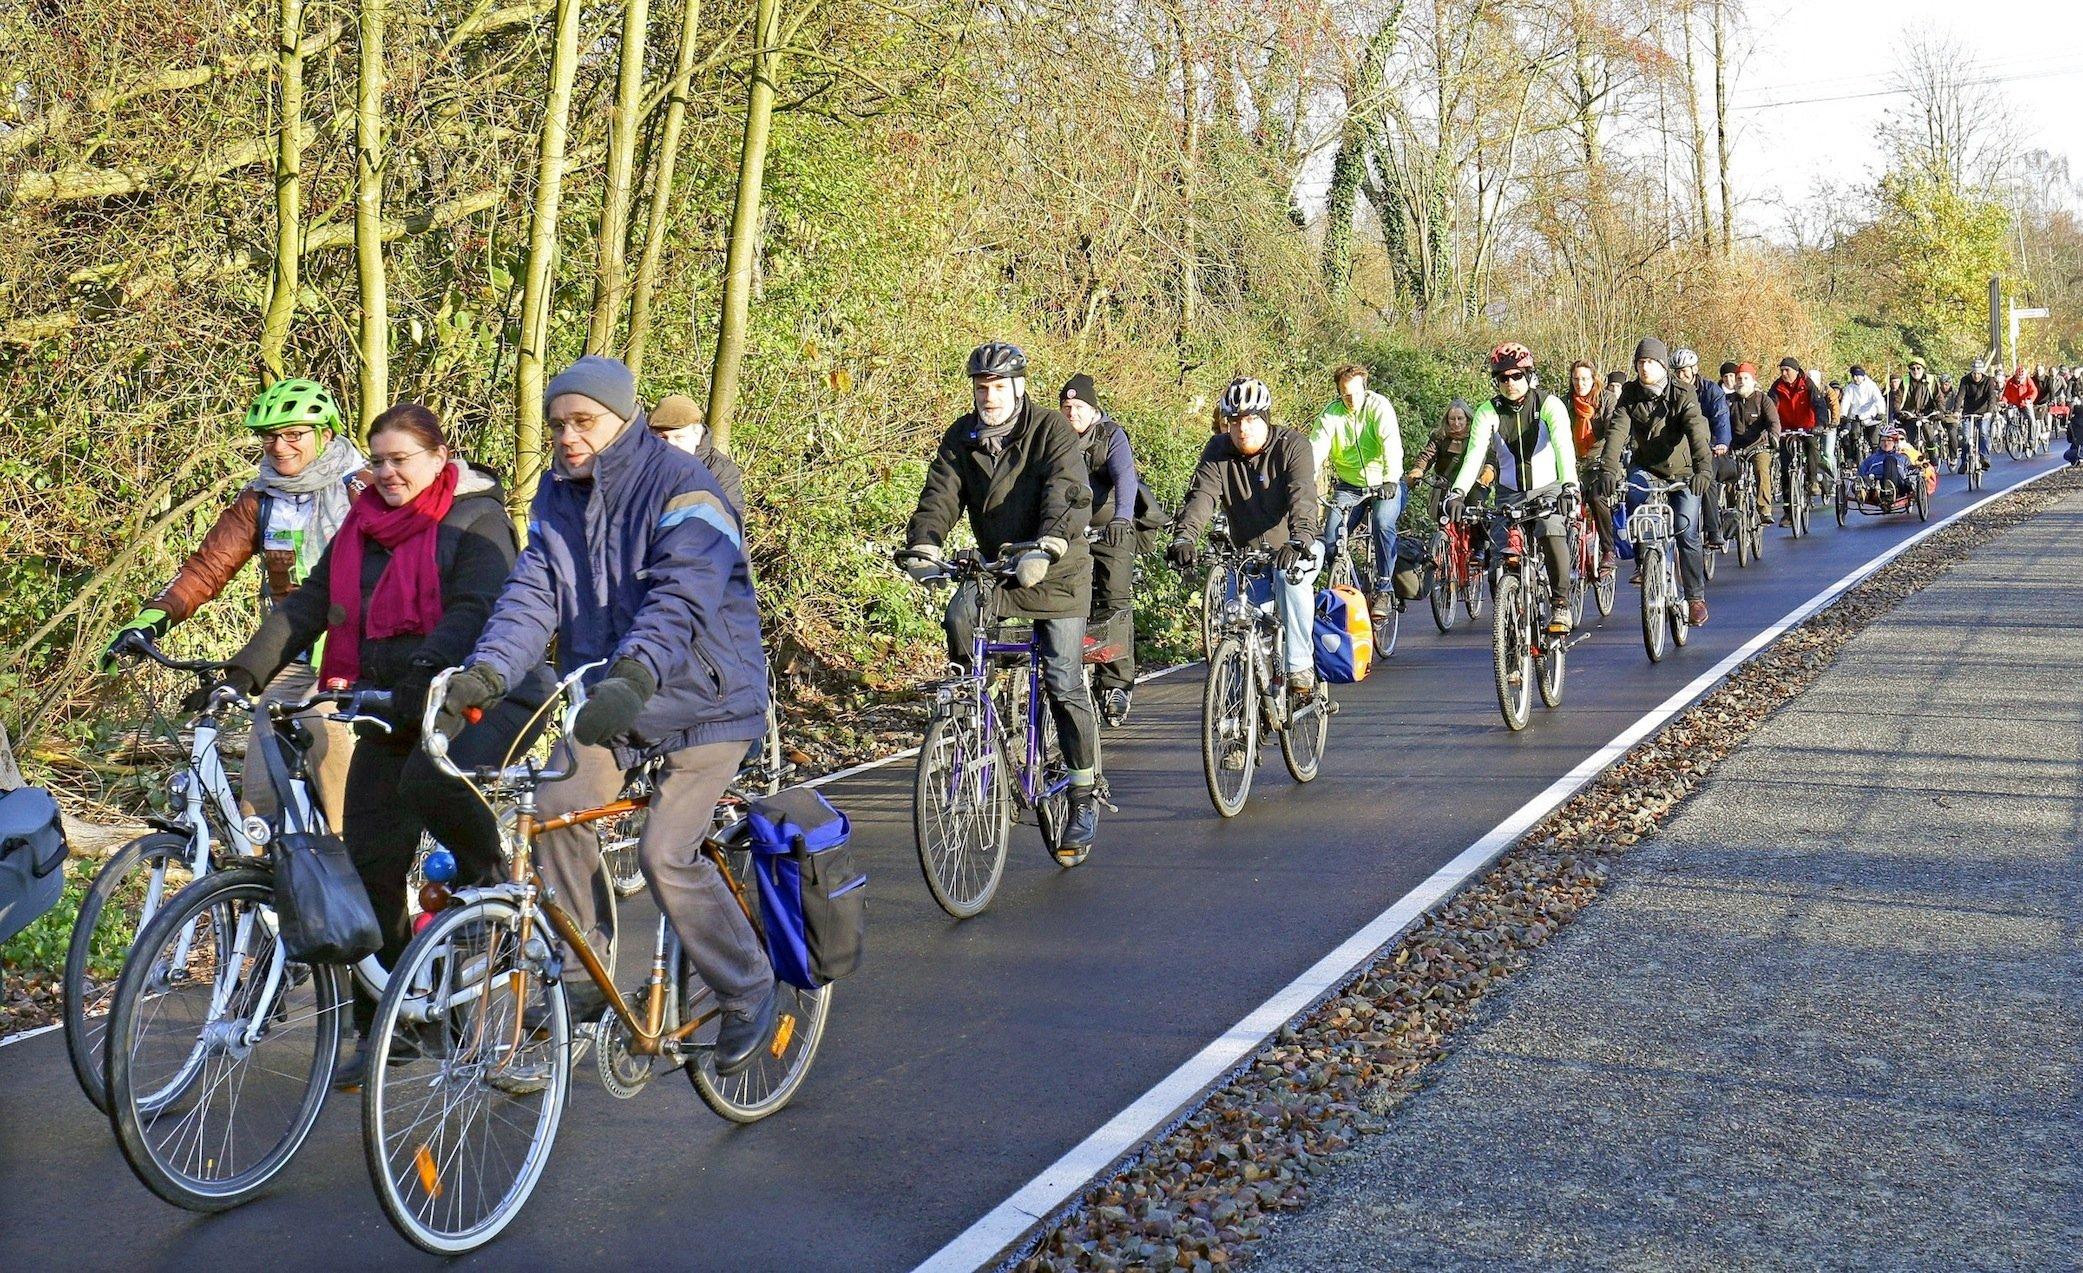 Sechs Meter breit ist der Radschnellweg Ruhr. In beiden Richtungen können jeweils zwei Radfahrer nebeneinander fahren. Die Strecke ist kreuzungsfrei, ohne Ampeln, verfügt über einen besonders glatten Asphalt und ist weitgehend steigungsfrei.